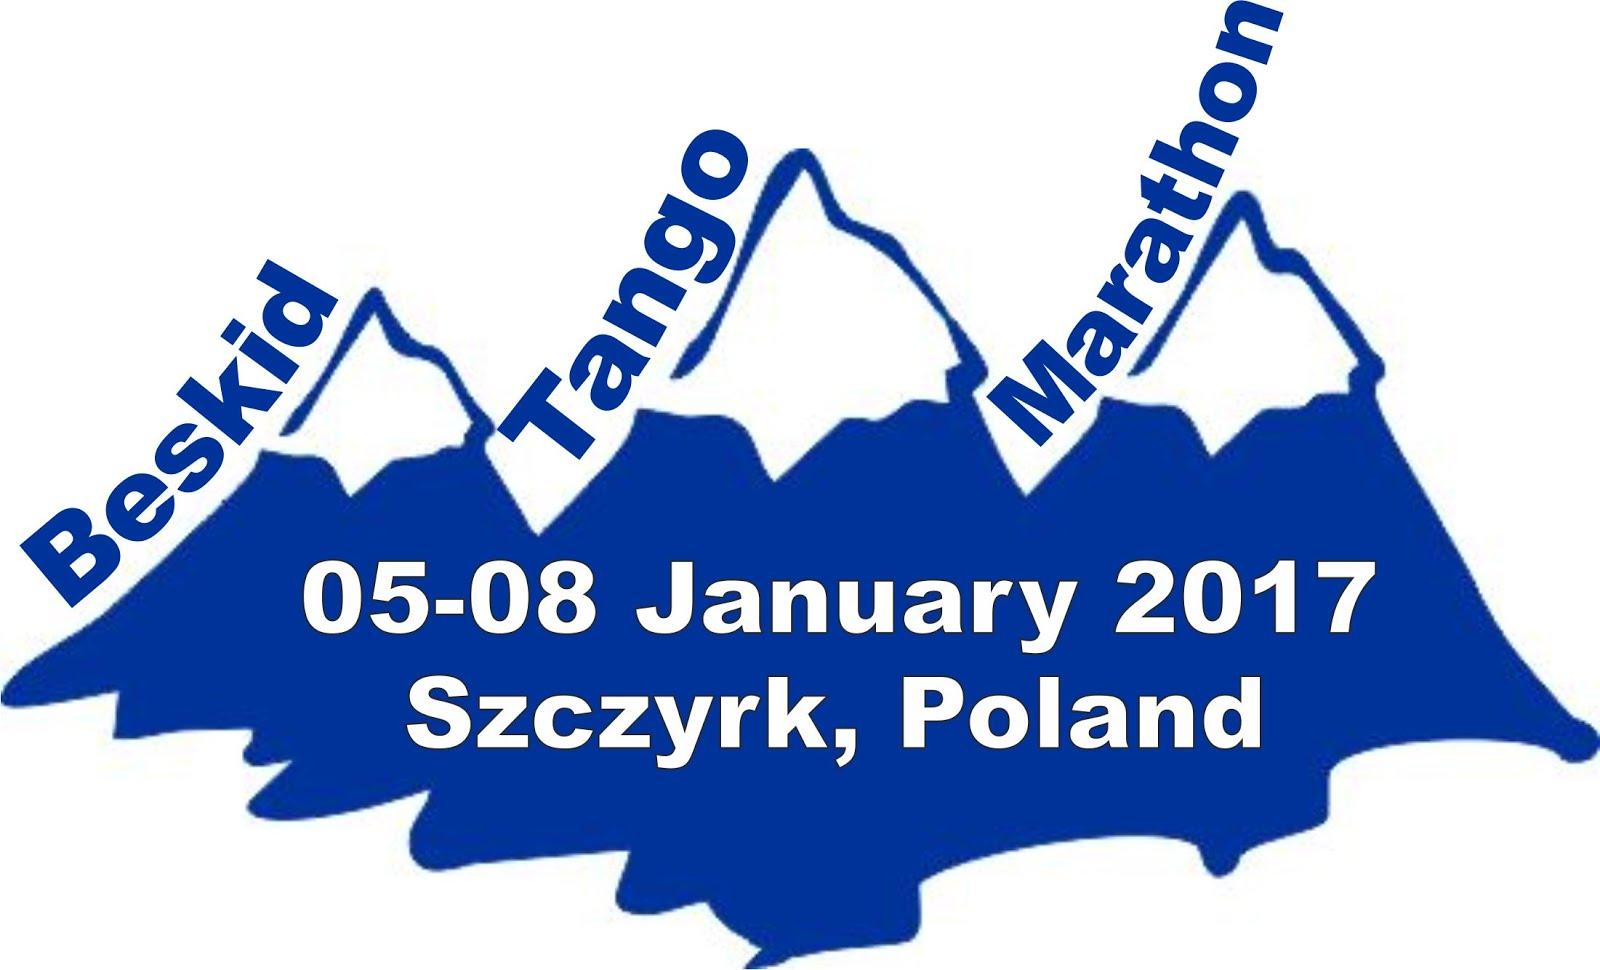 Rejestracja Beskid Tango Marathon / Registration BTM